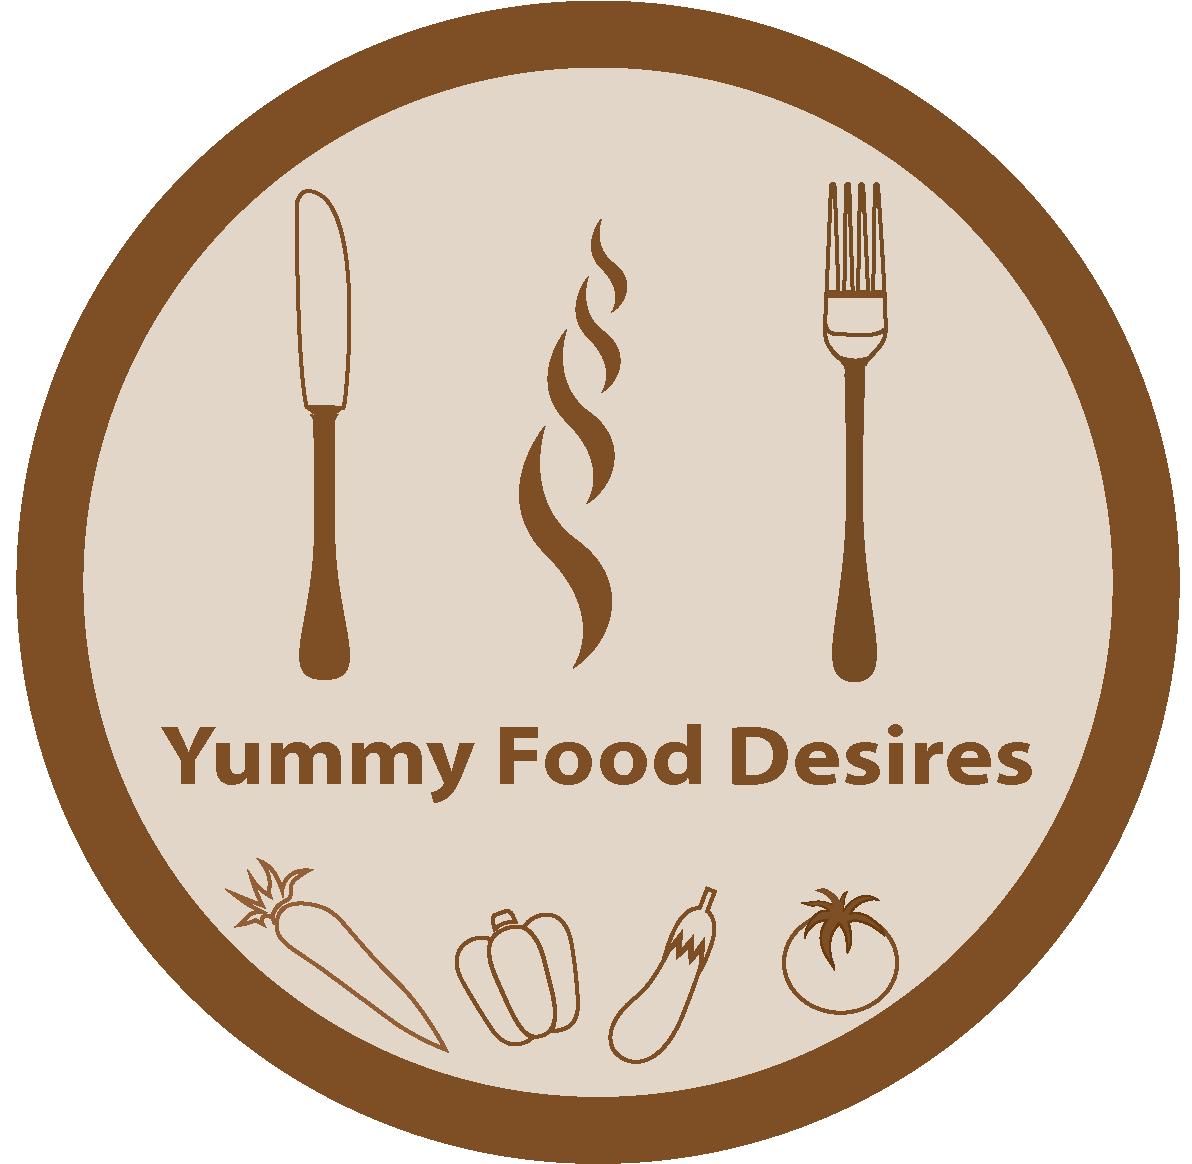 Yummy Food Desires